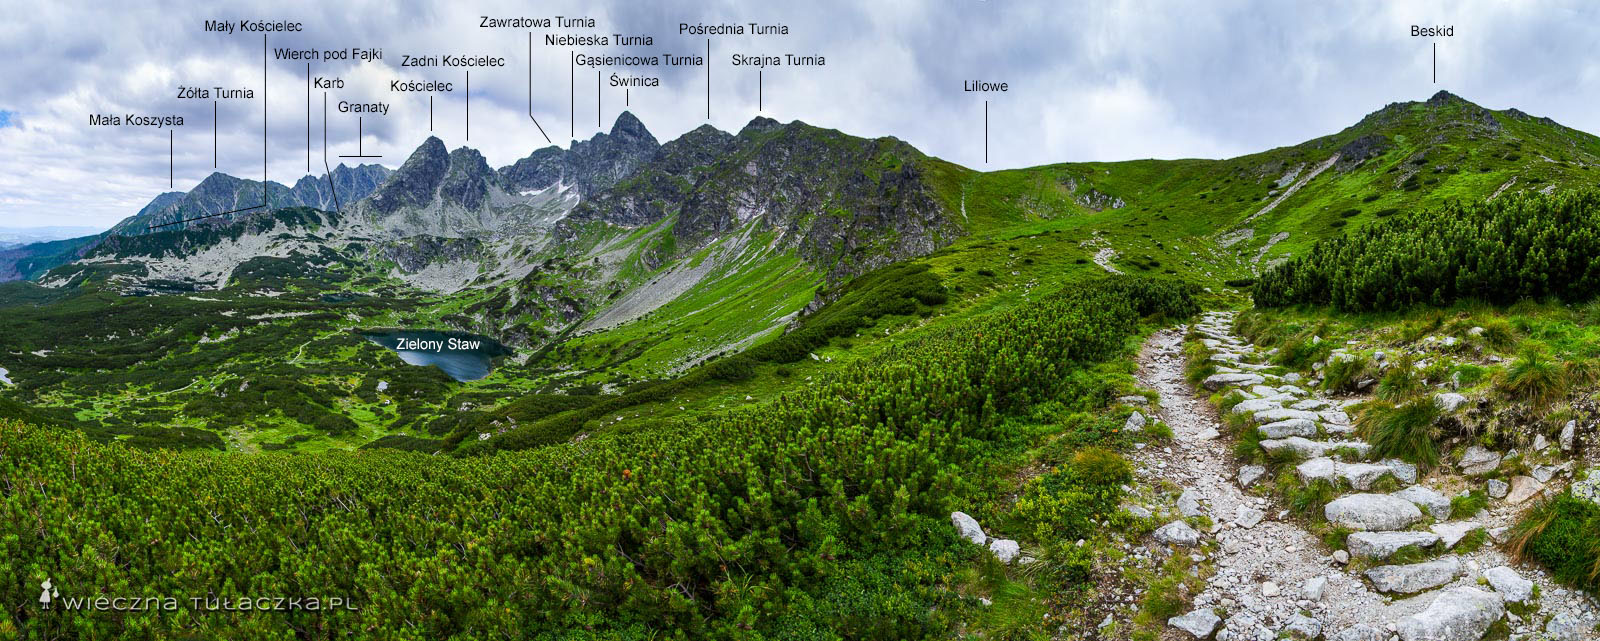 Zielony szlak na Przełęcz Liliowe, panorama ze szlaku